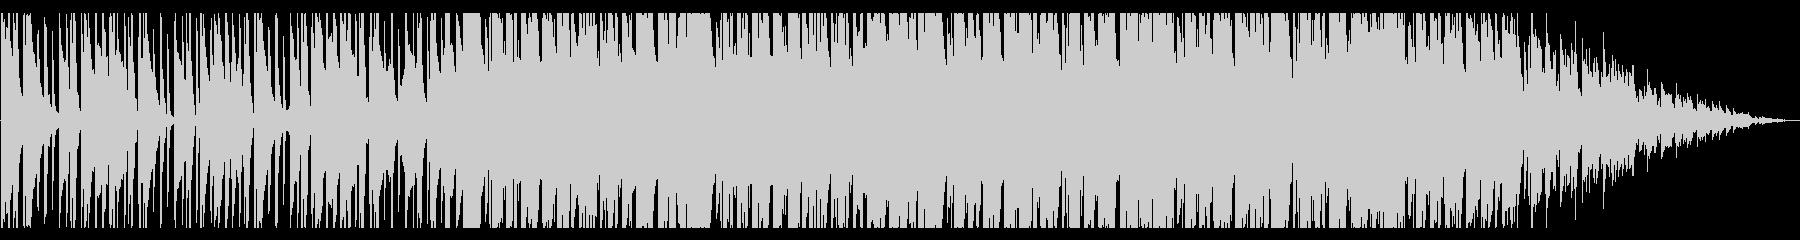 騒がしいエレクトロスイングNo380_2の未再生の波形